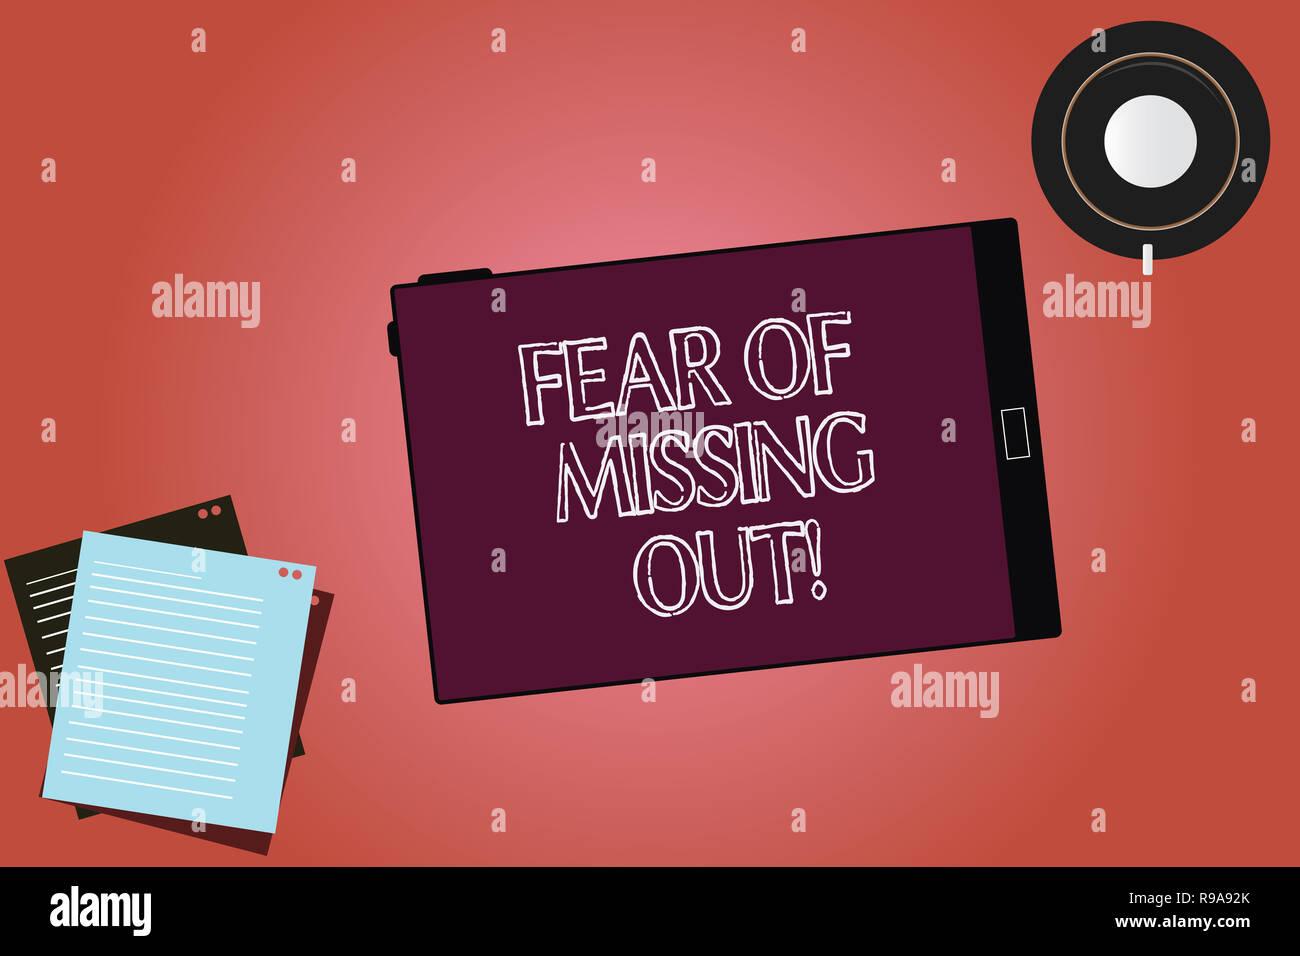 Zu die angst verlieren jemanden Ängste überwinden: